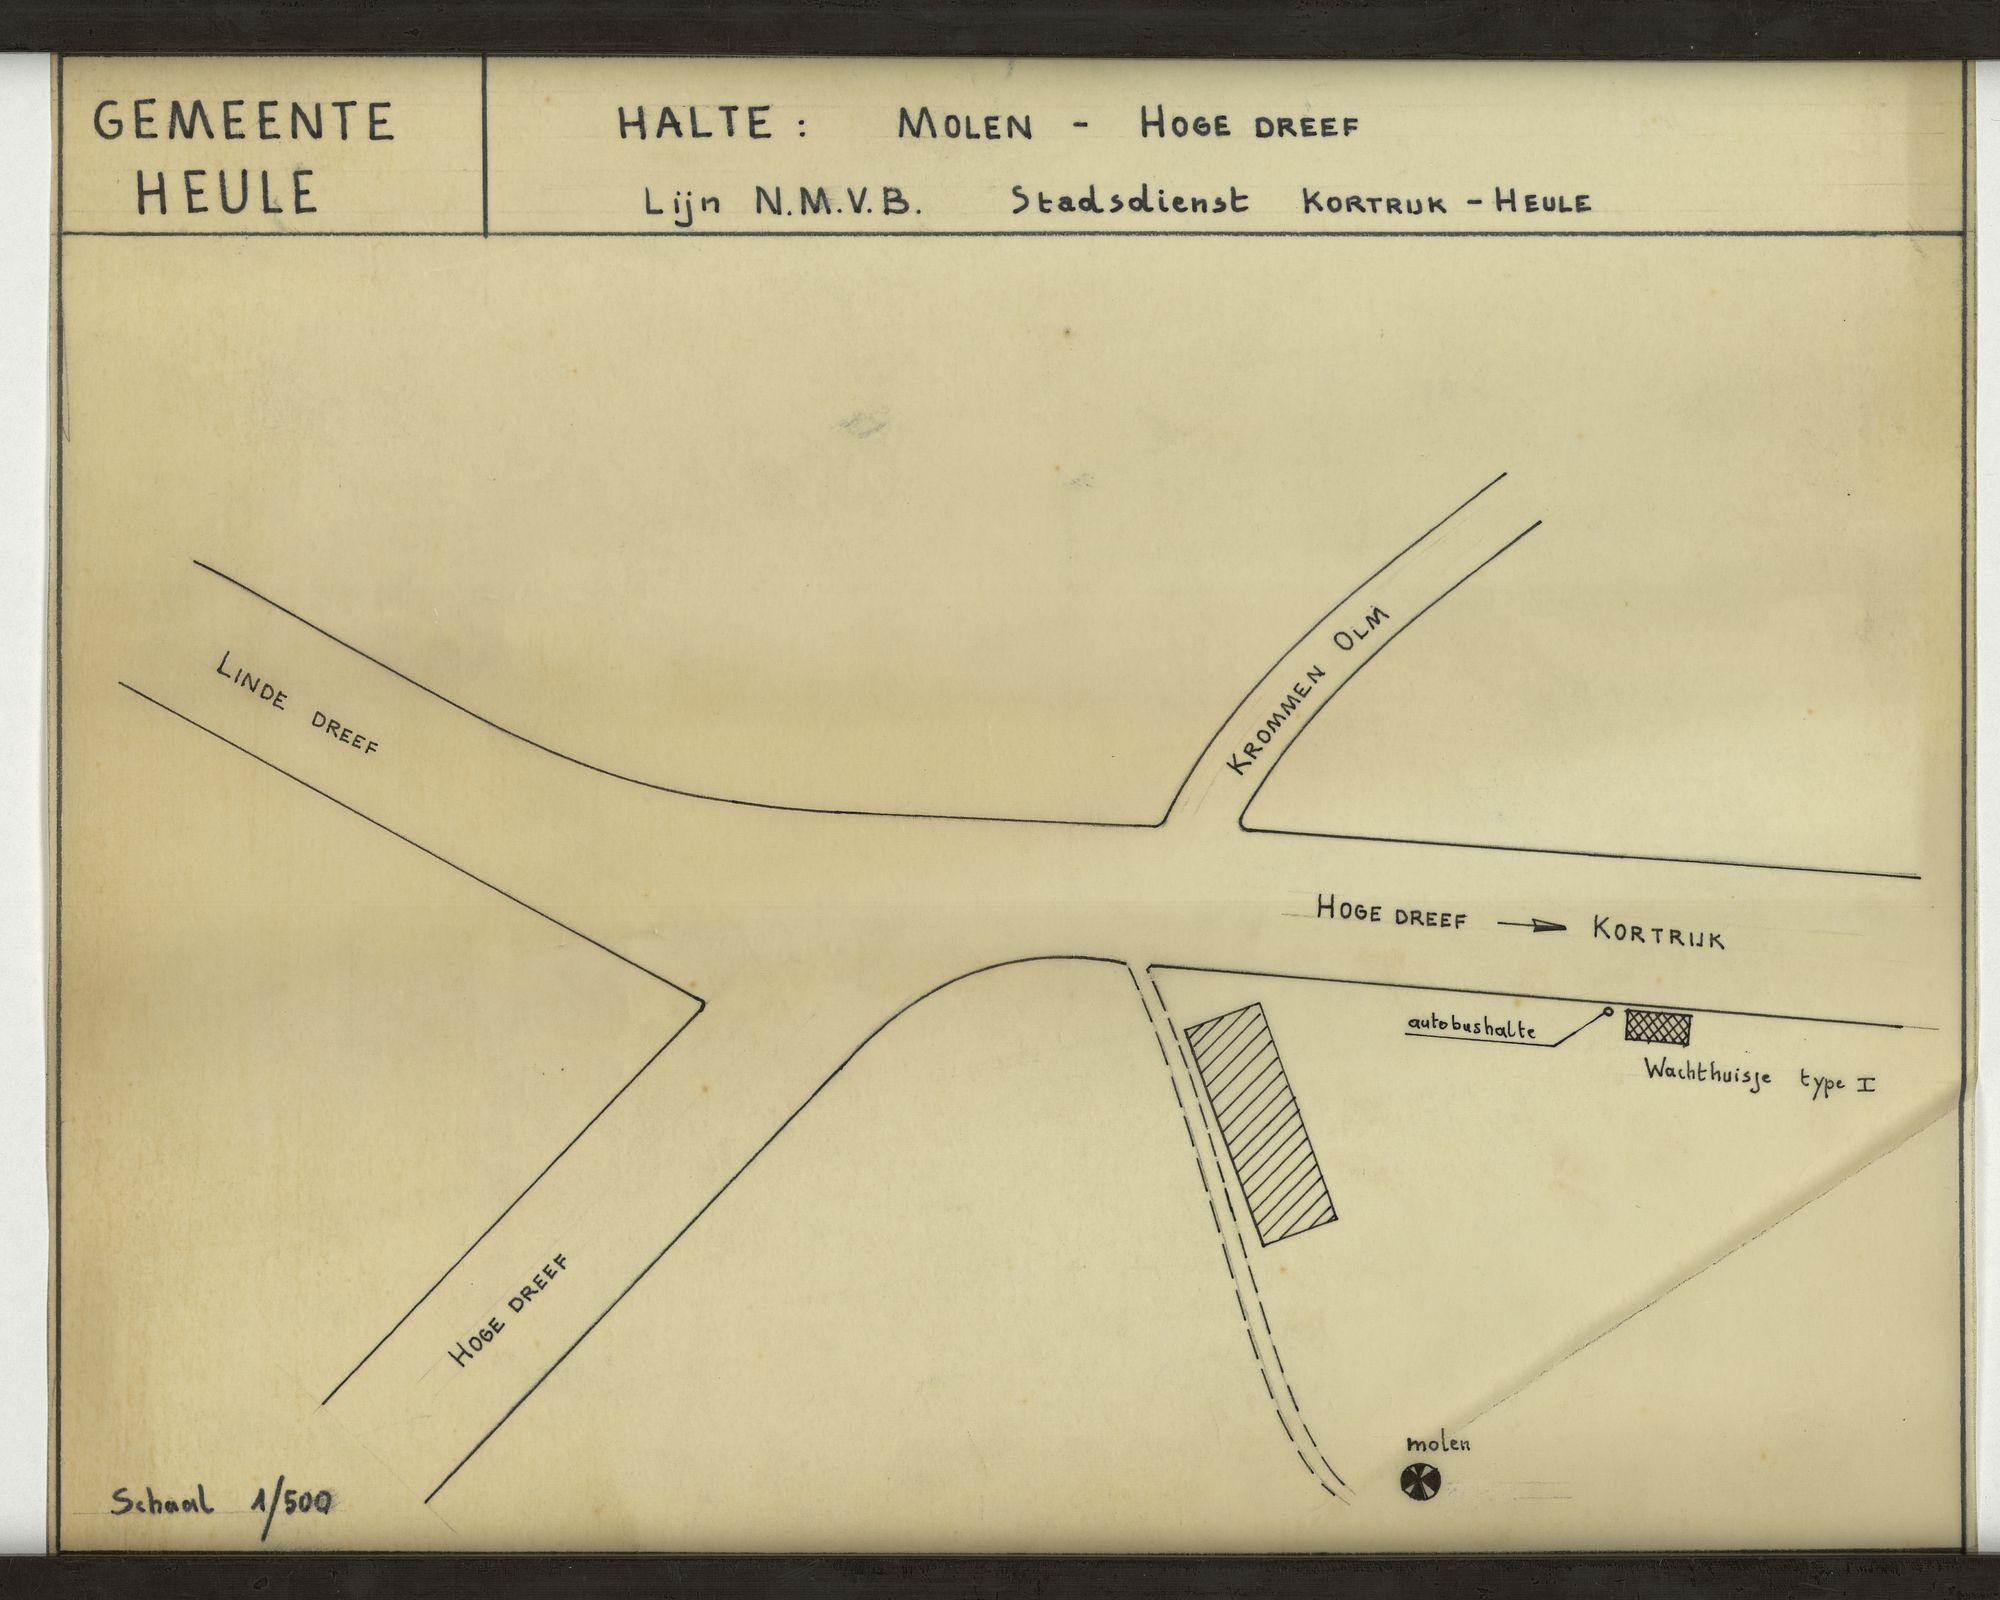 Plan van debushalte Molen- Hoge Dreef op de lijn N.M.V.B. stadsdienst Kortrijk-Heule, 2de helft 20ste eeuw